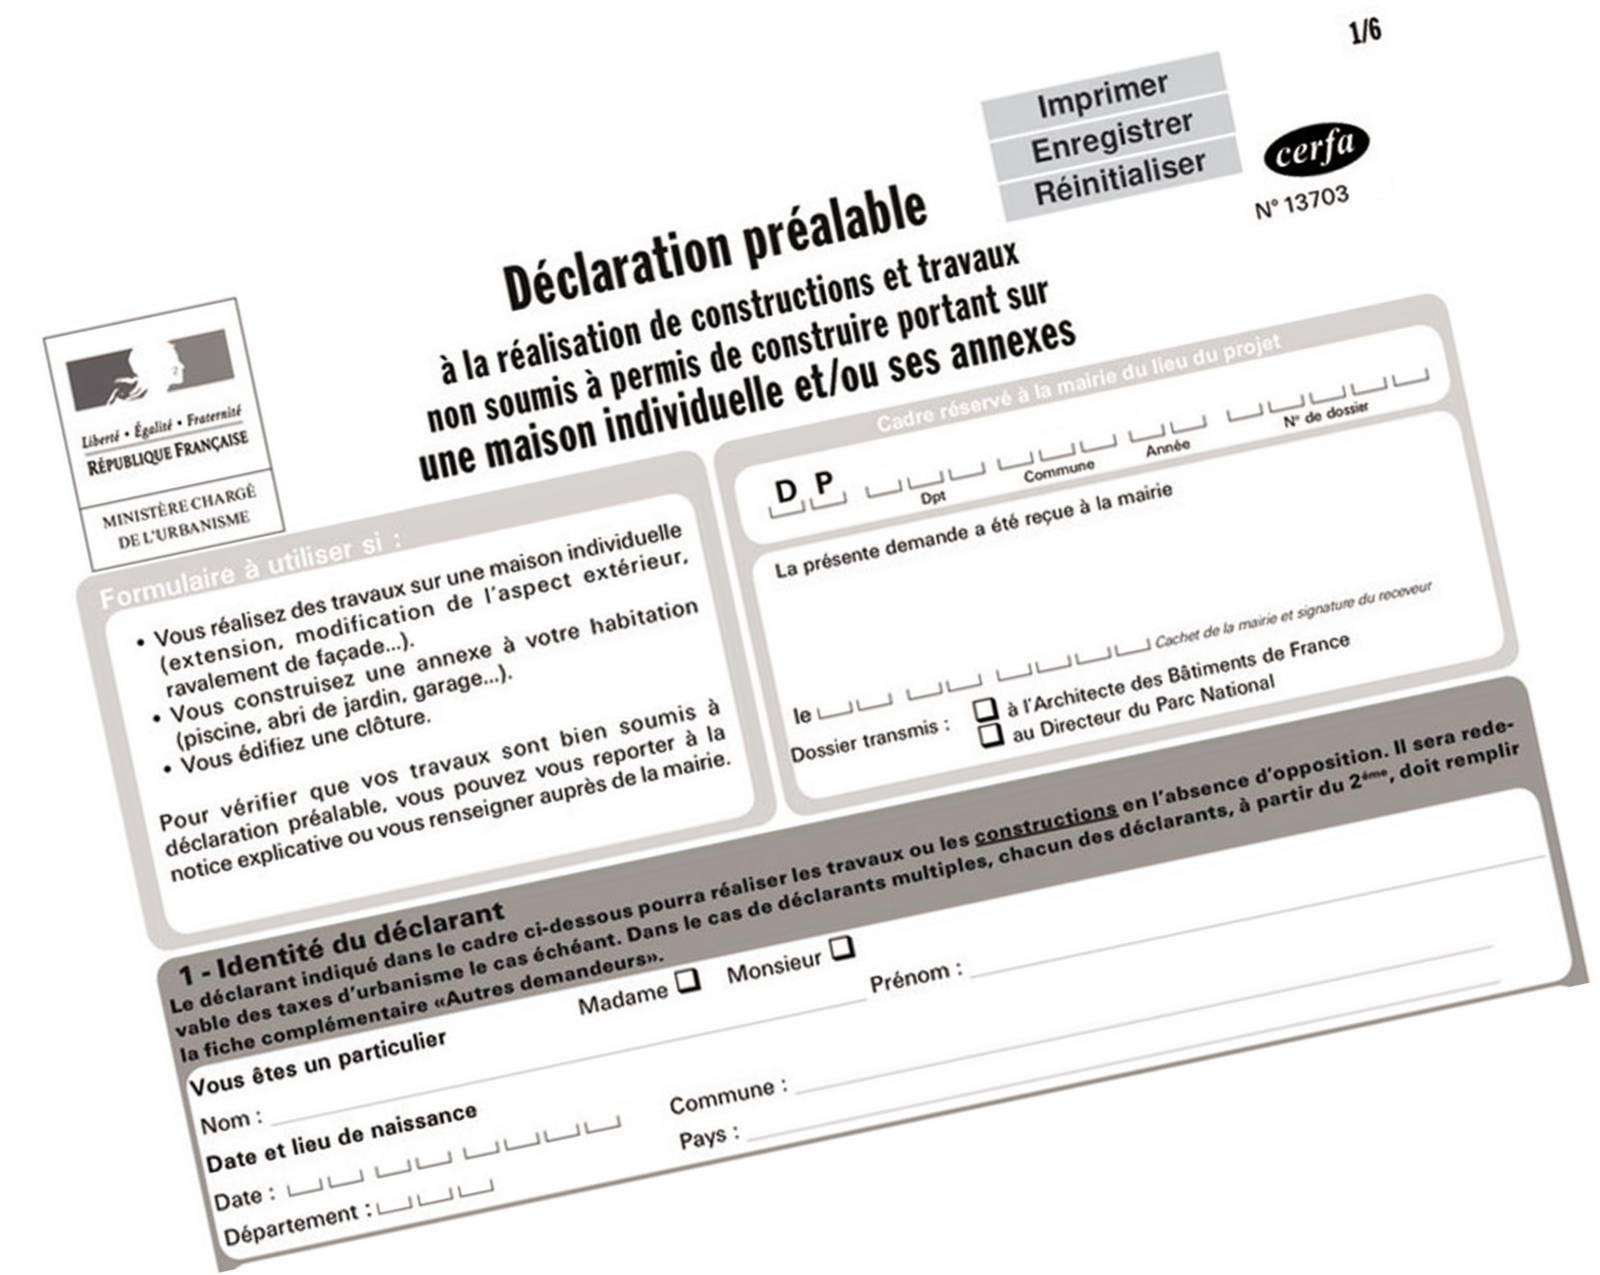 Déclaration de travaux pour surélévation de 40 m² Bordeaux - Agrandissement par surélévation de ...